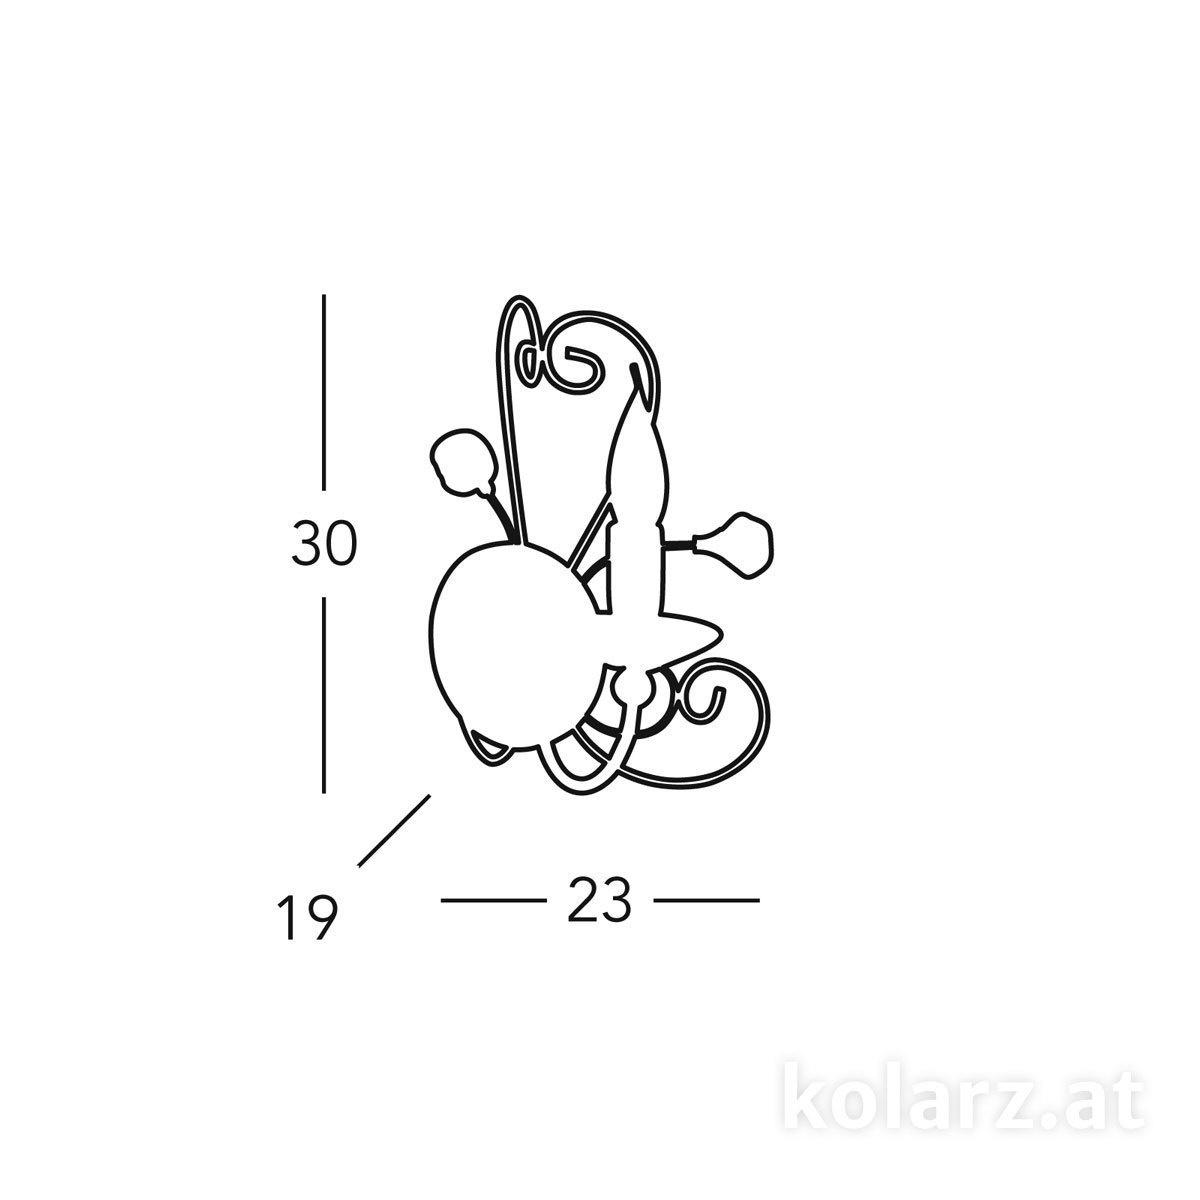 0235-61-DA-KoT-s1.jpg